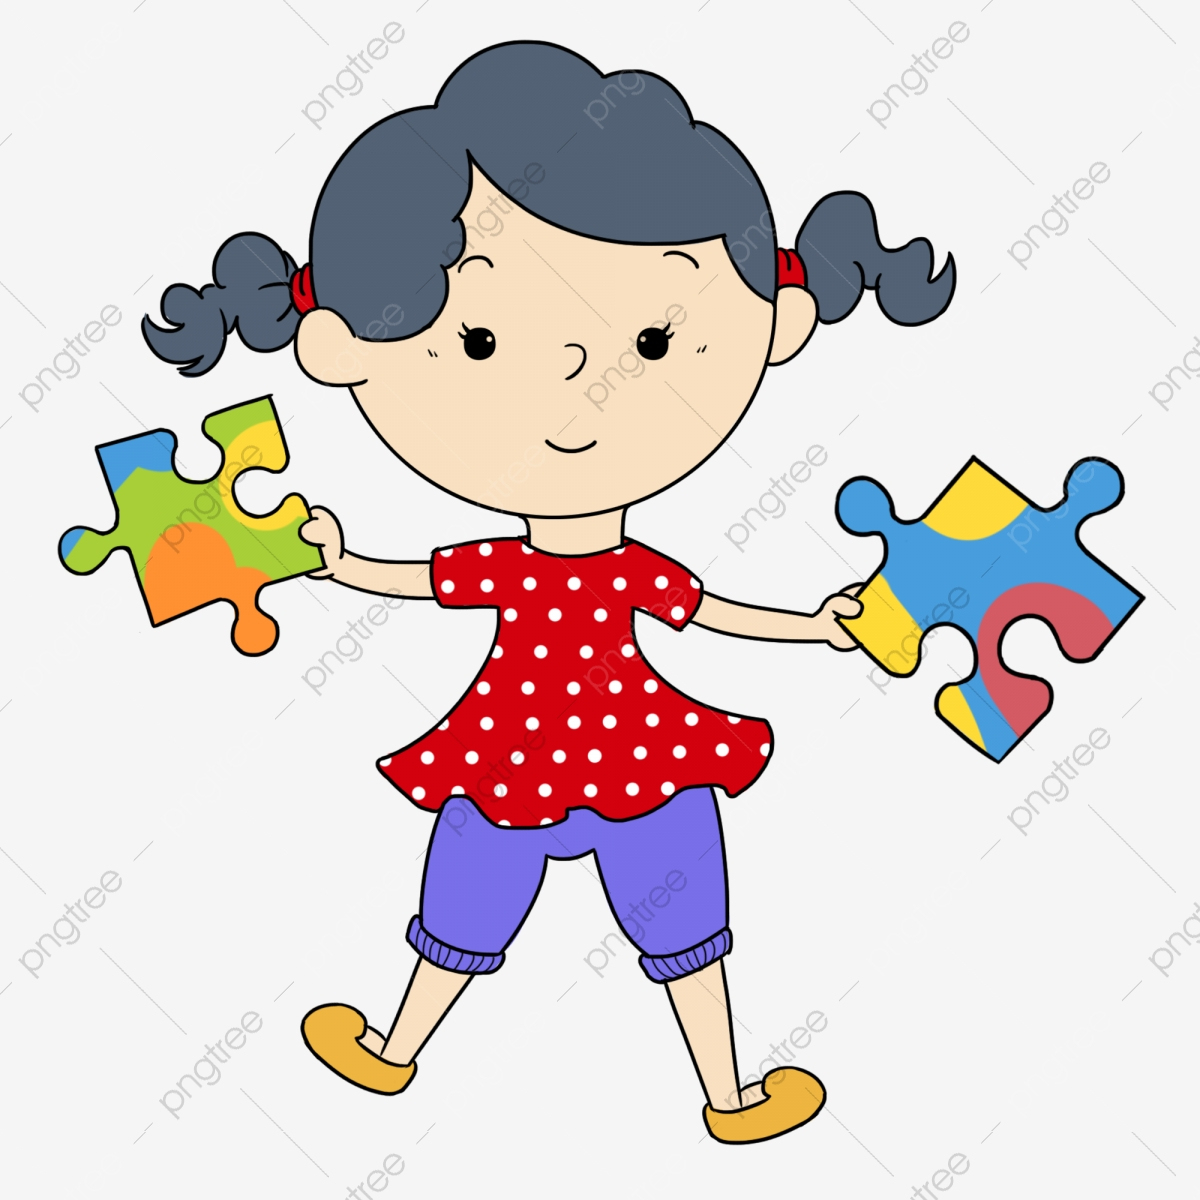 Jeu Intellectuel Puzzle Été Enfant, Jolie Fille, Jeu serapportantà Puzzle Gratuit Enfant